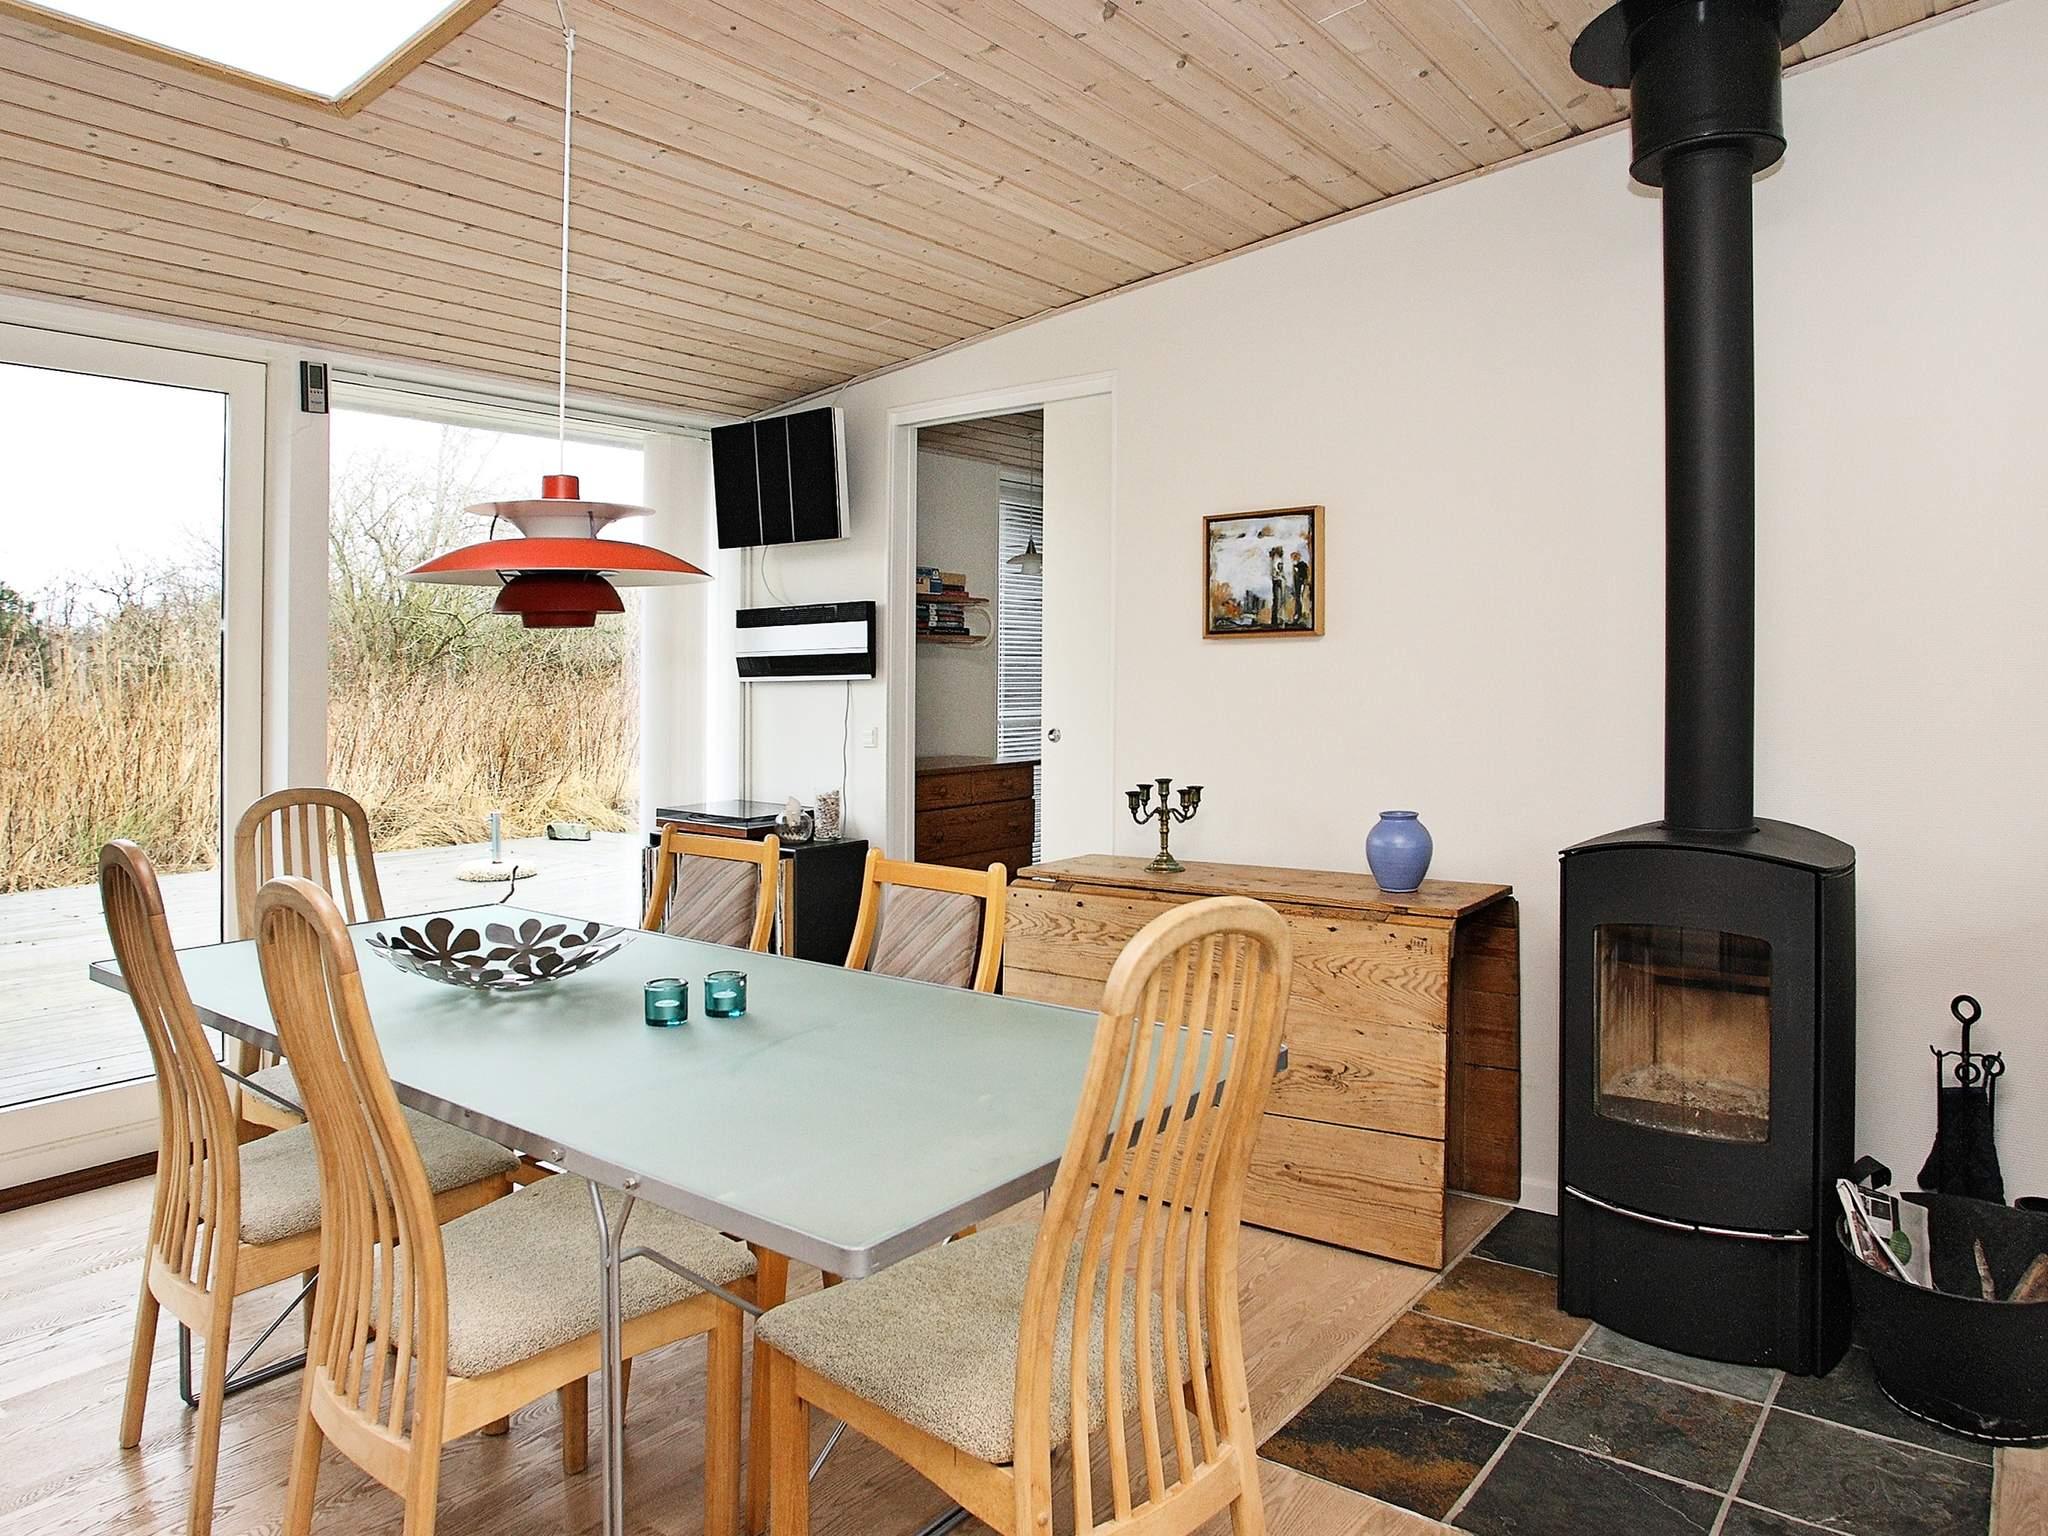 Ferienhaus Hou (338933), Hou, , Dänische Ostsee, Dänemark, Bild 2